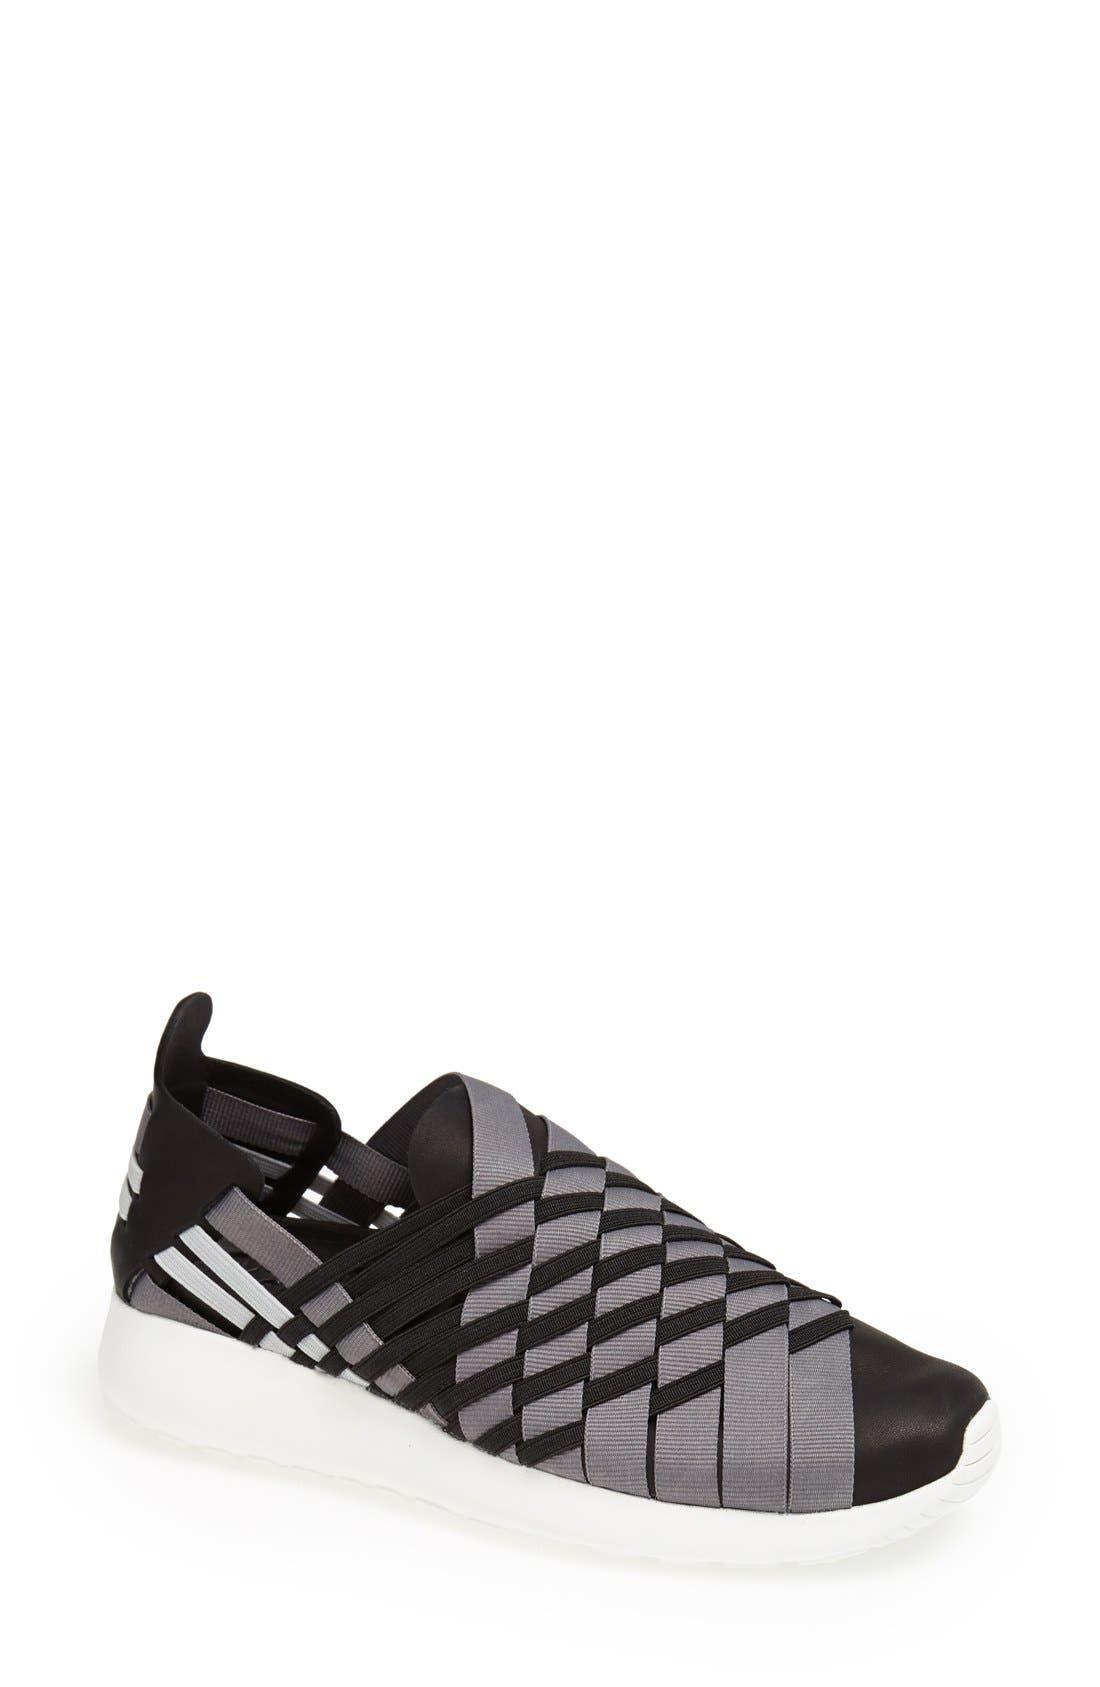 Main Image - Nike 'Roshe Run Woven 2.0' Sneaker (Women)